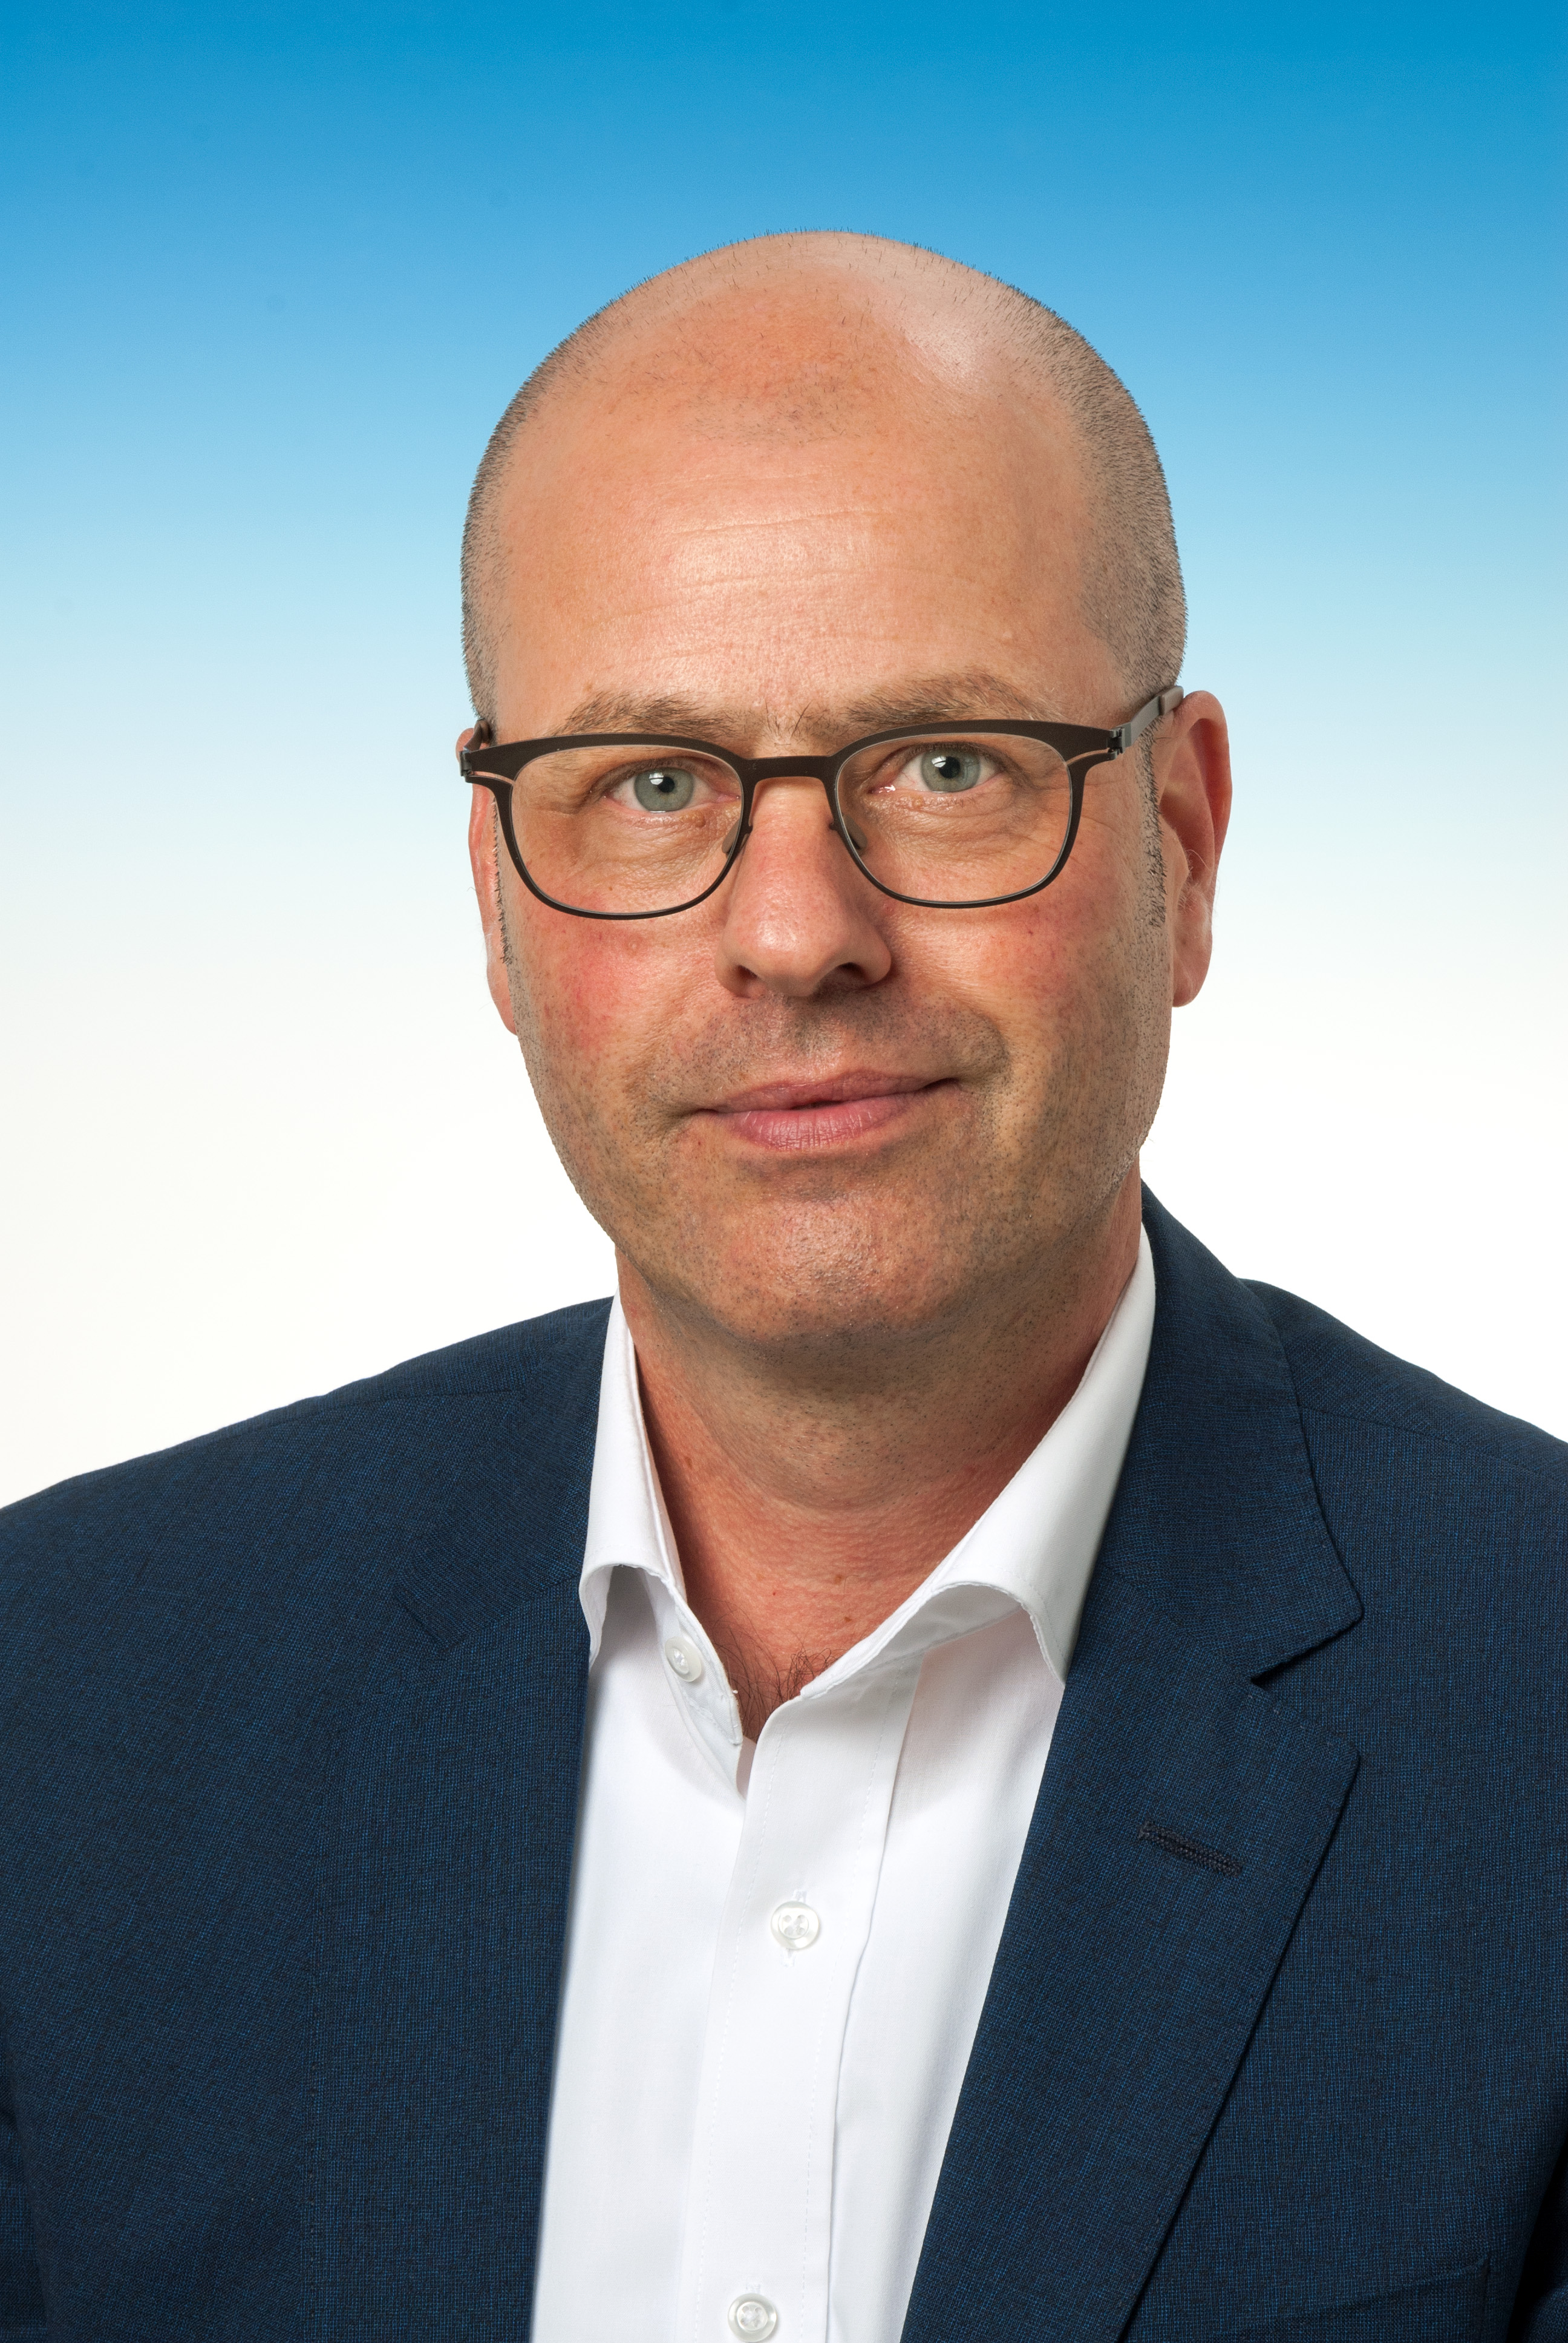 New SKODA AUTO Board Member for Technical Development - Image 2